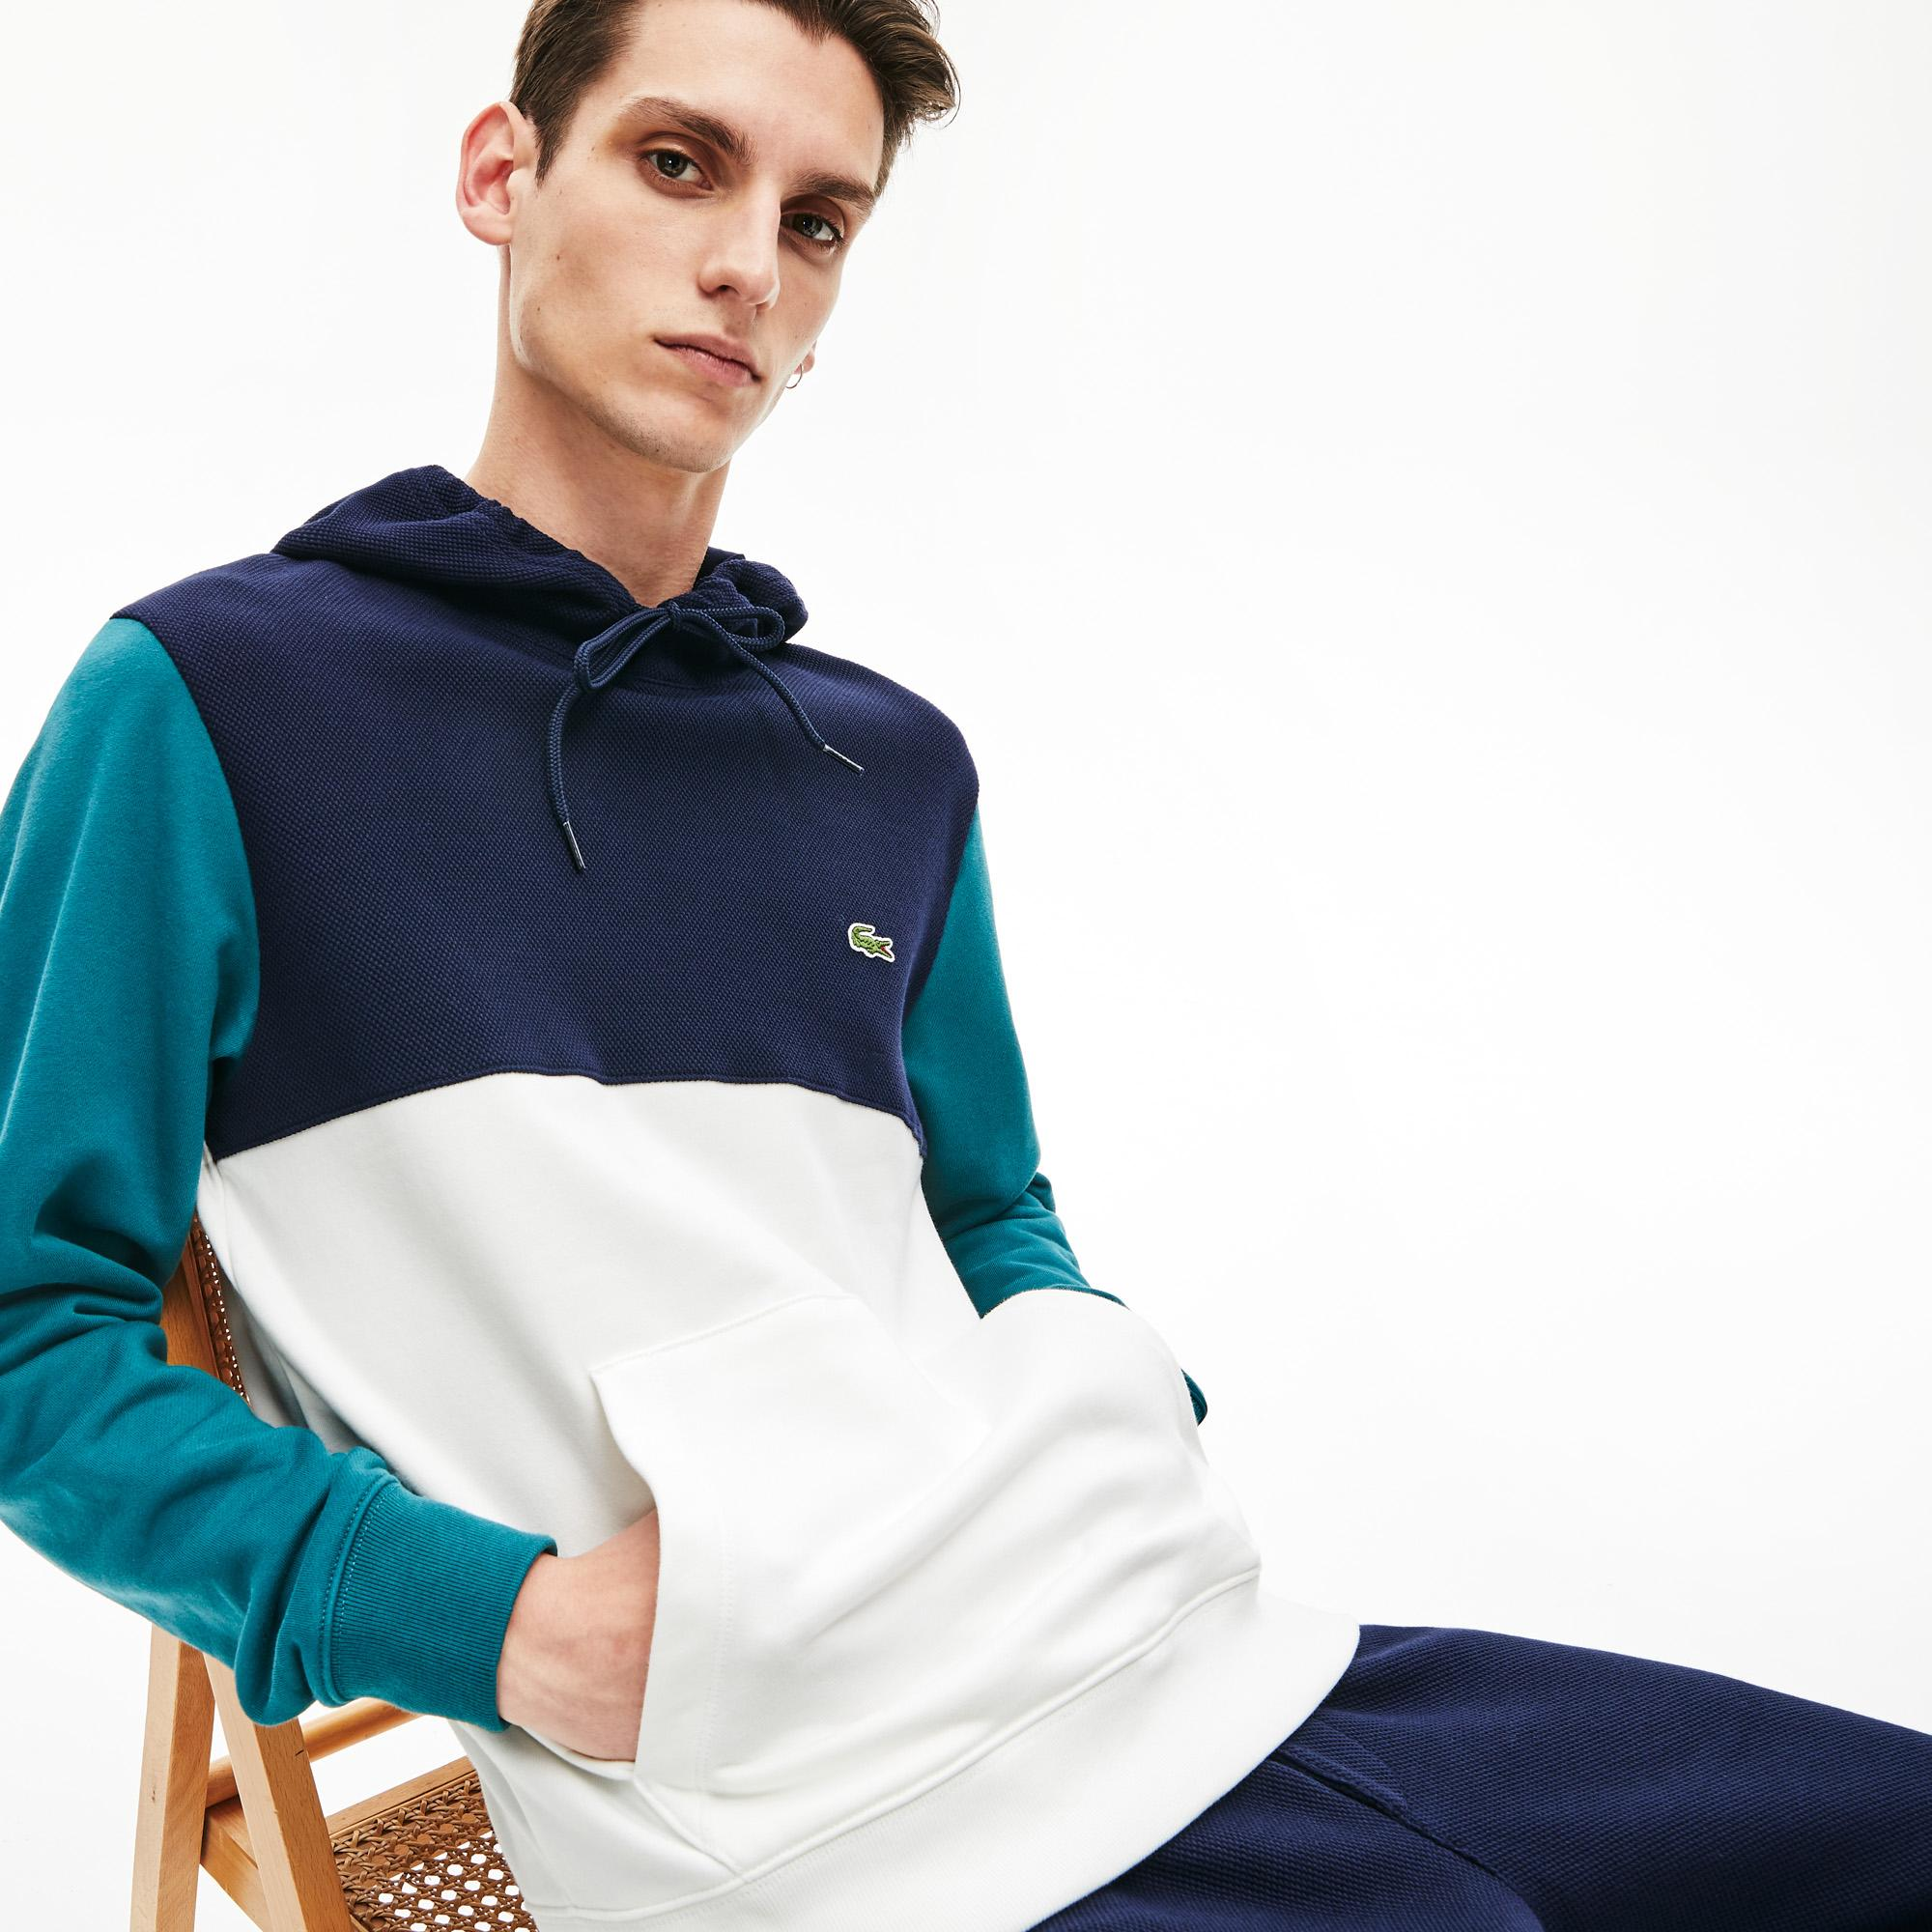 Lacoste Men's Colourblock Hooded Sweatshirt